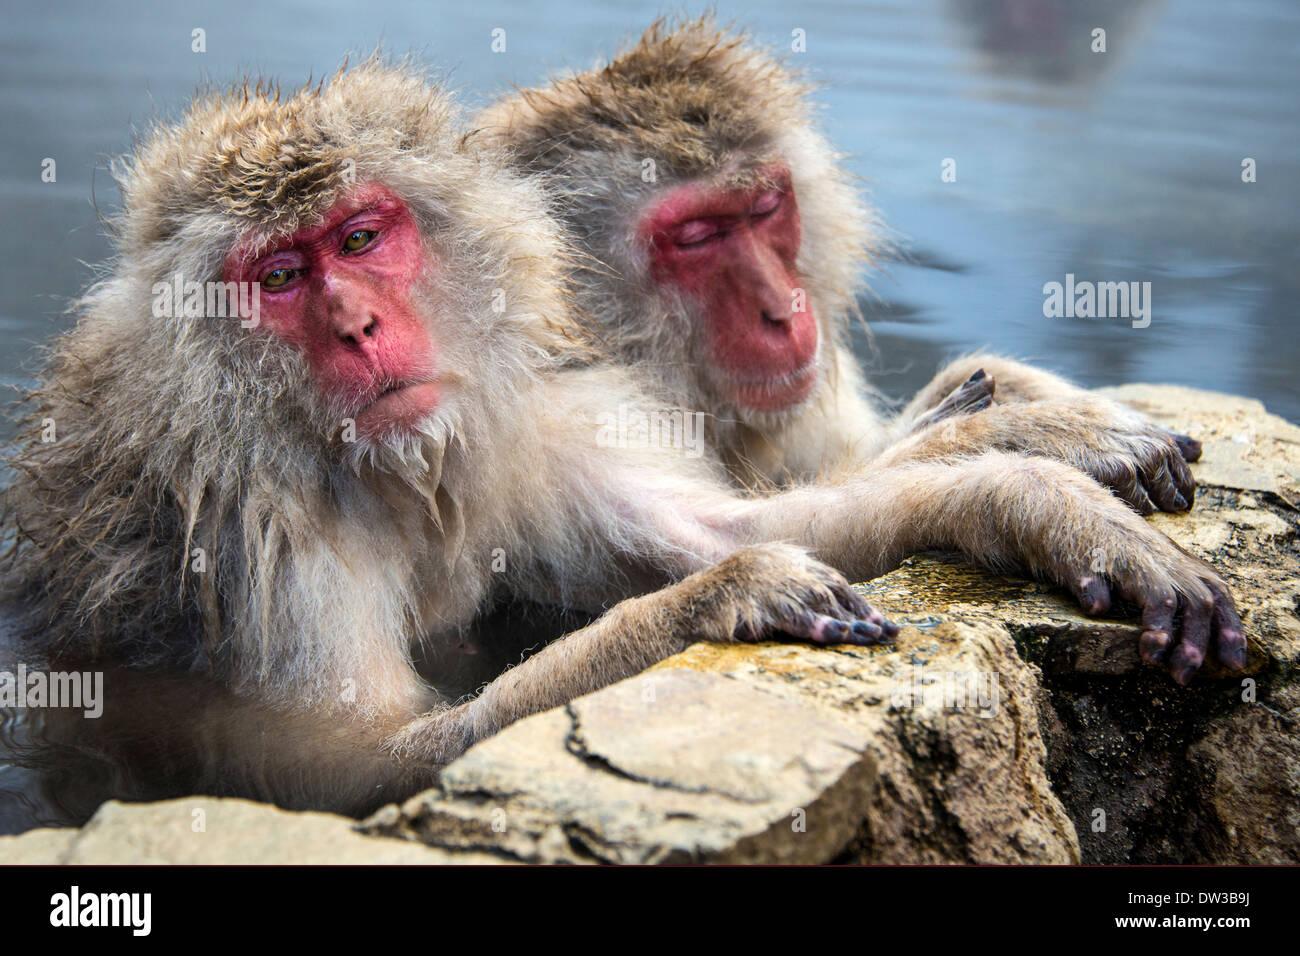 Monos de nieve japonés en Nagano, Japón. Imagen De Stock